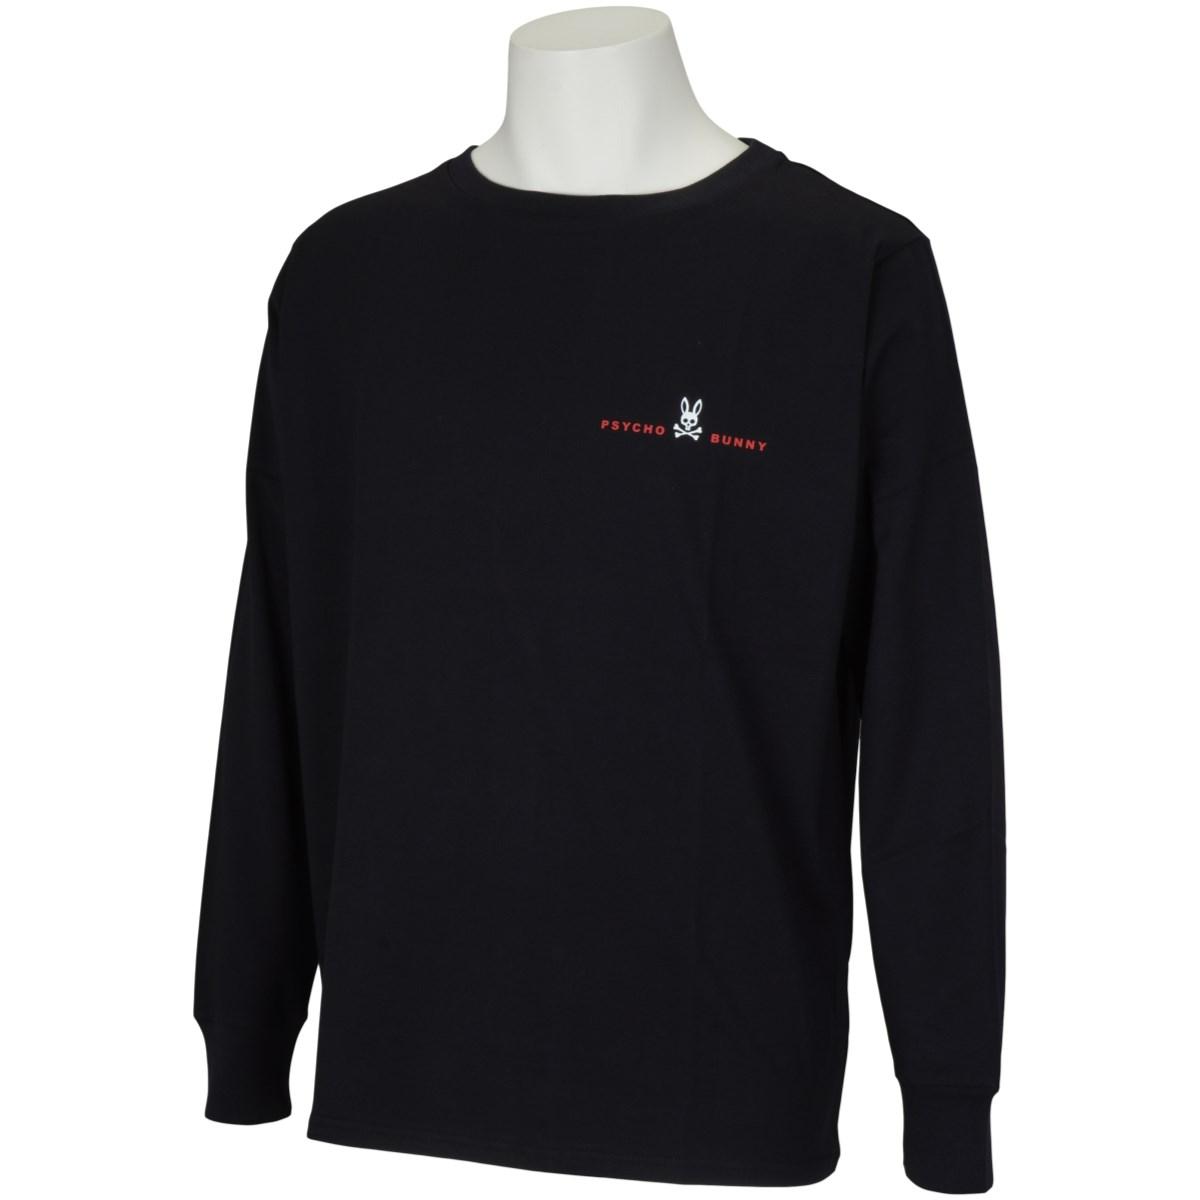 サイコバニー PSYCHO BUNNY ベーシックロゴ長袖Tシャツ M ブラック